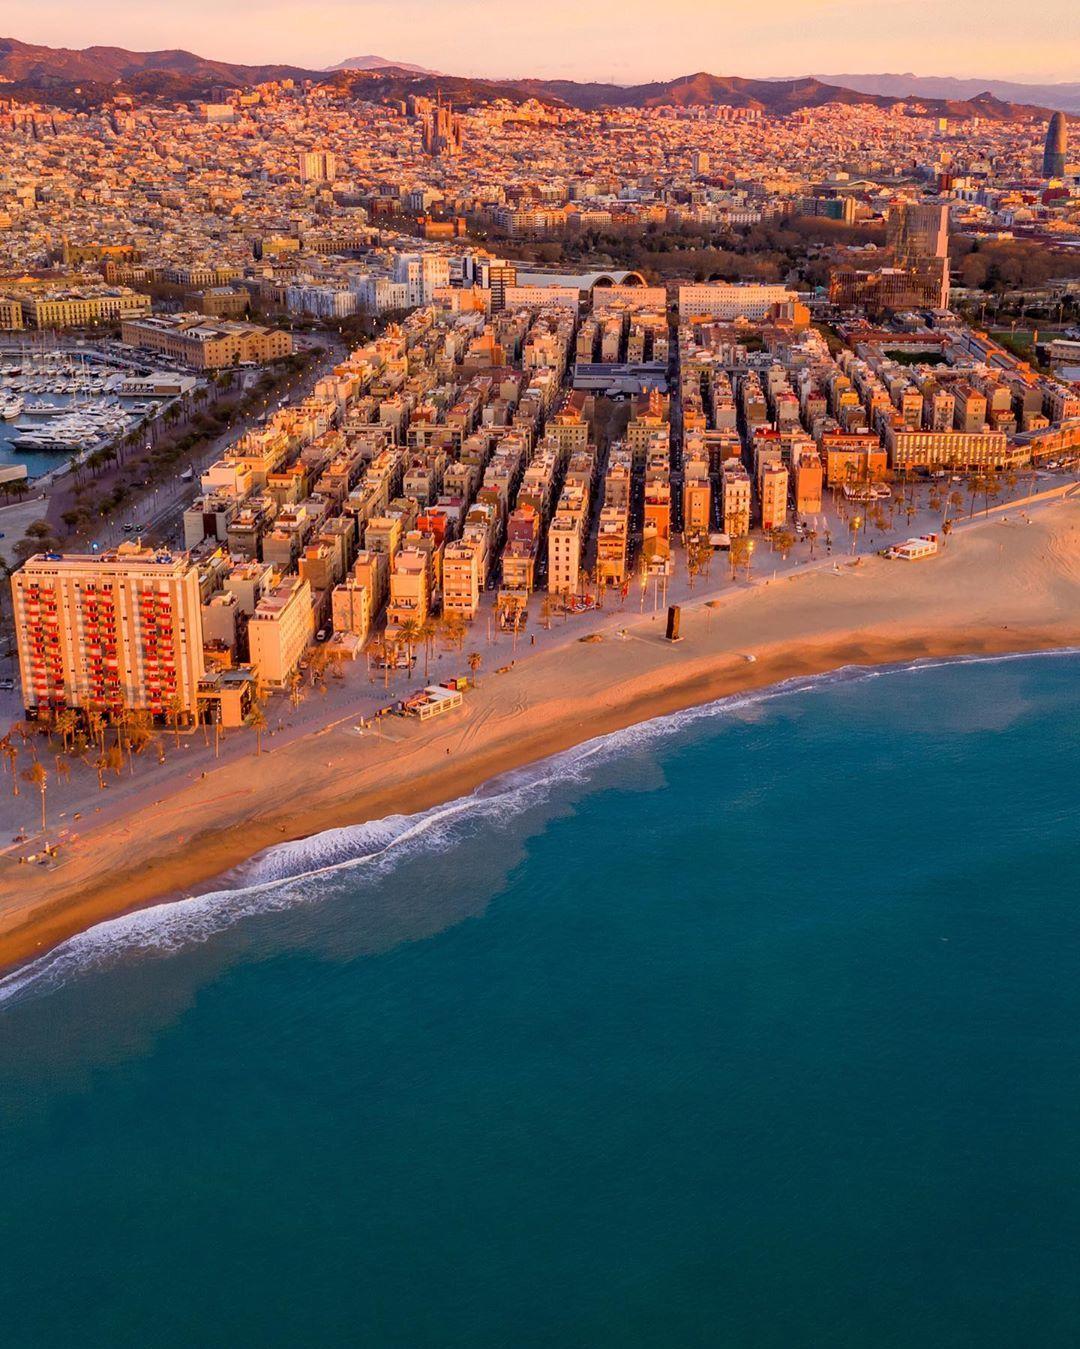 Barcelona vacía a vista de pájaro / Barceloneta